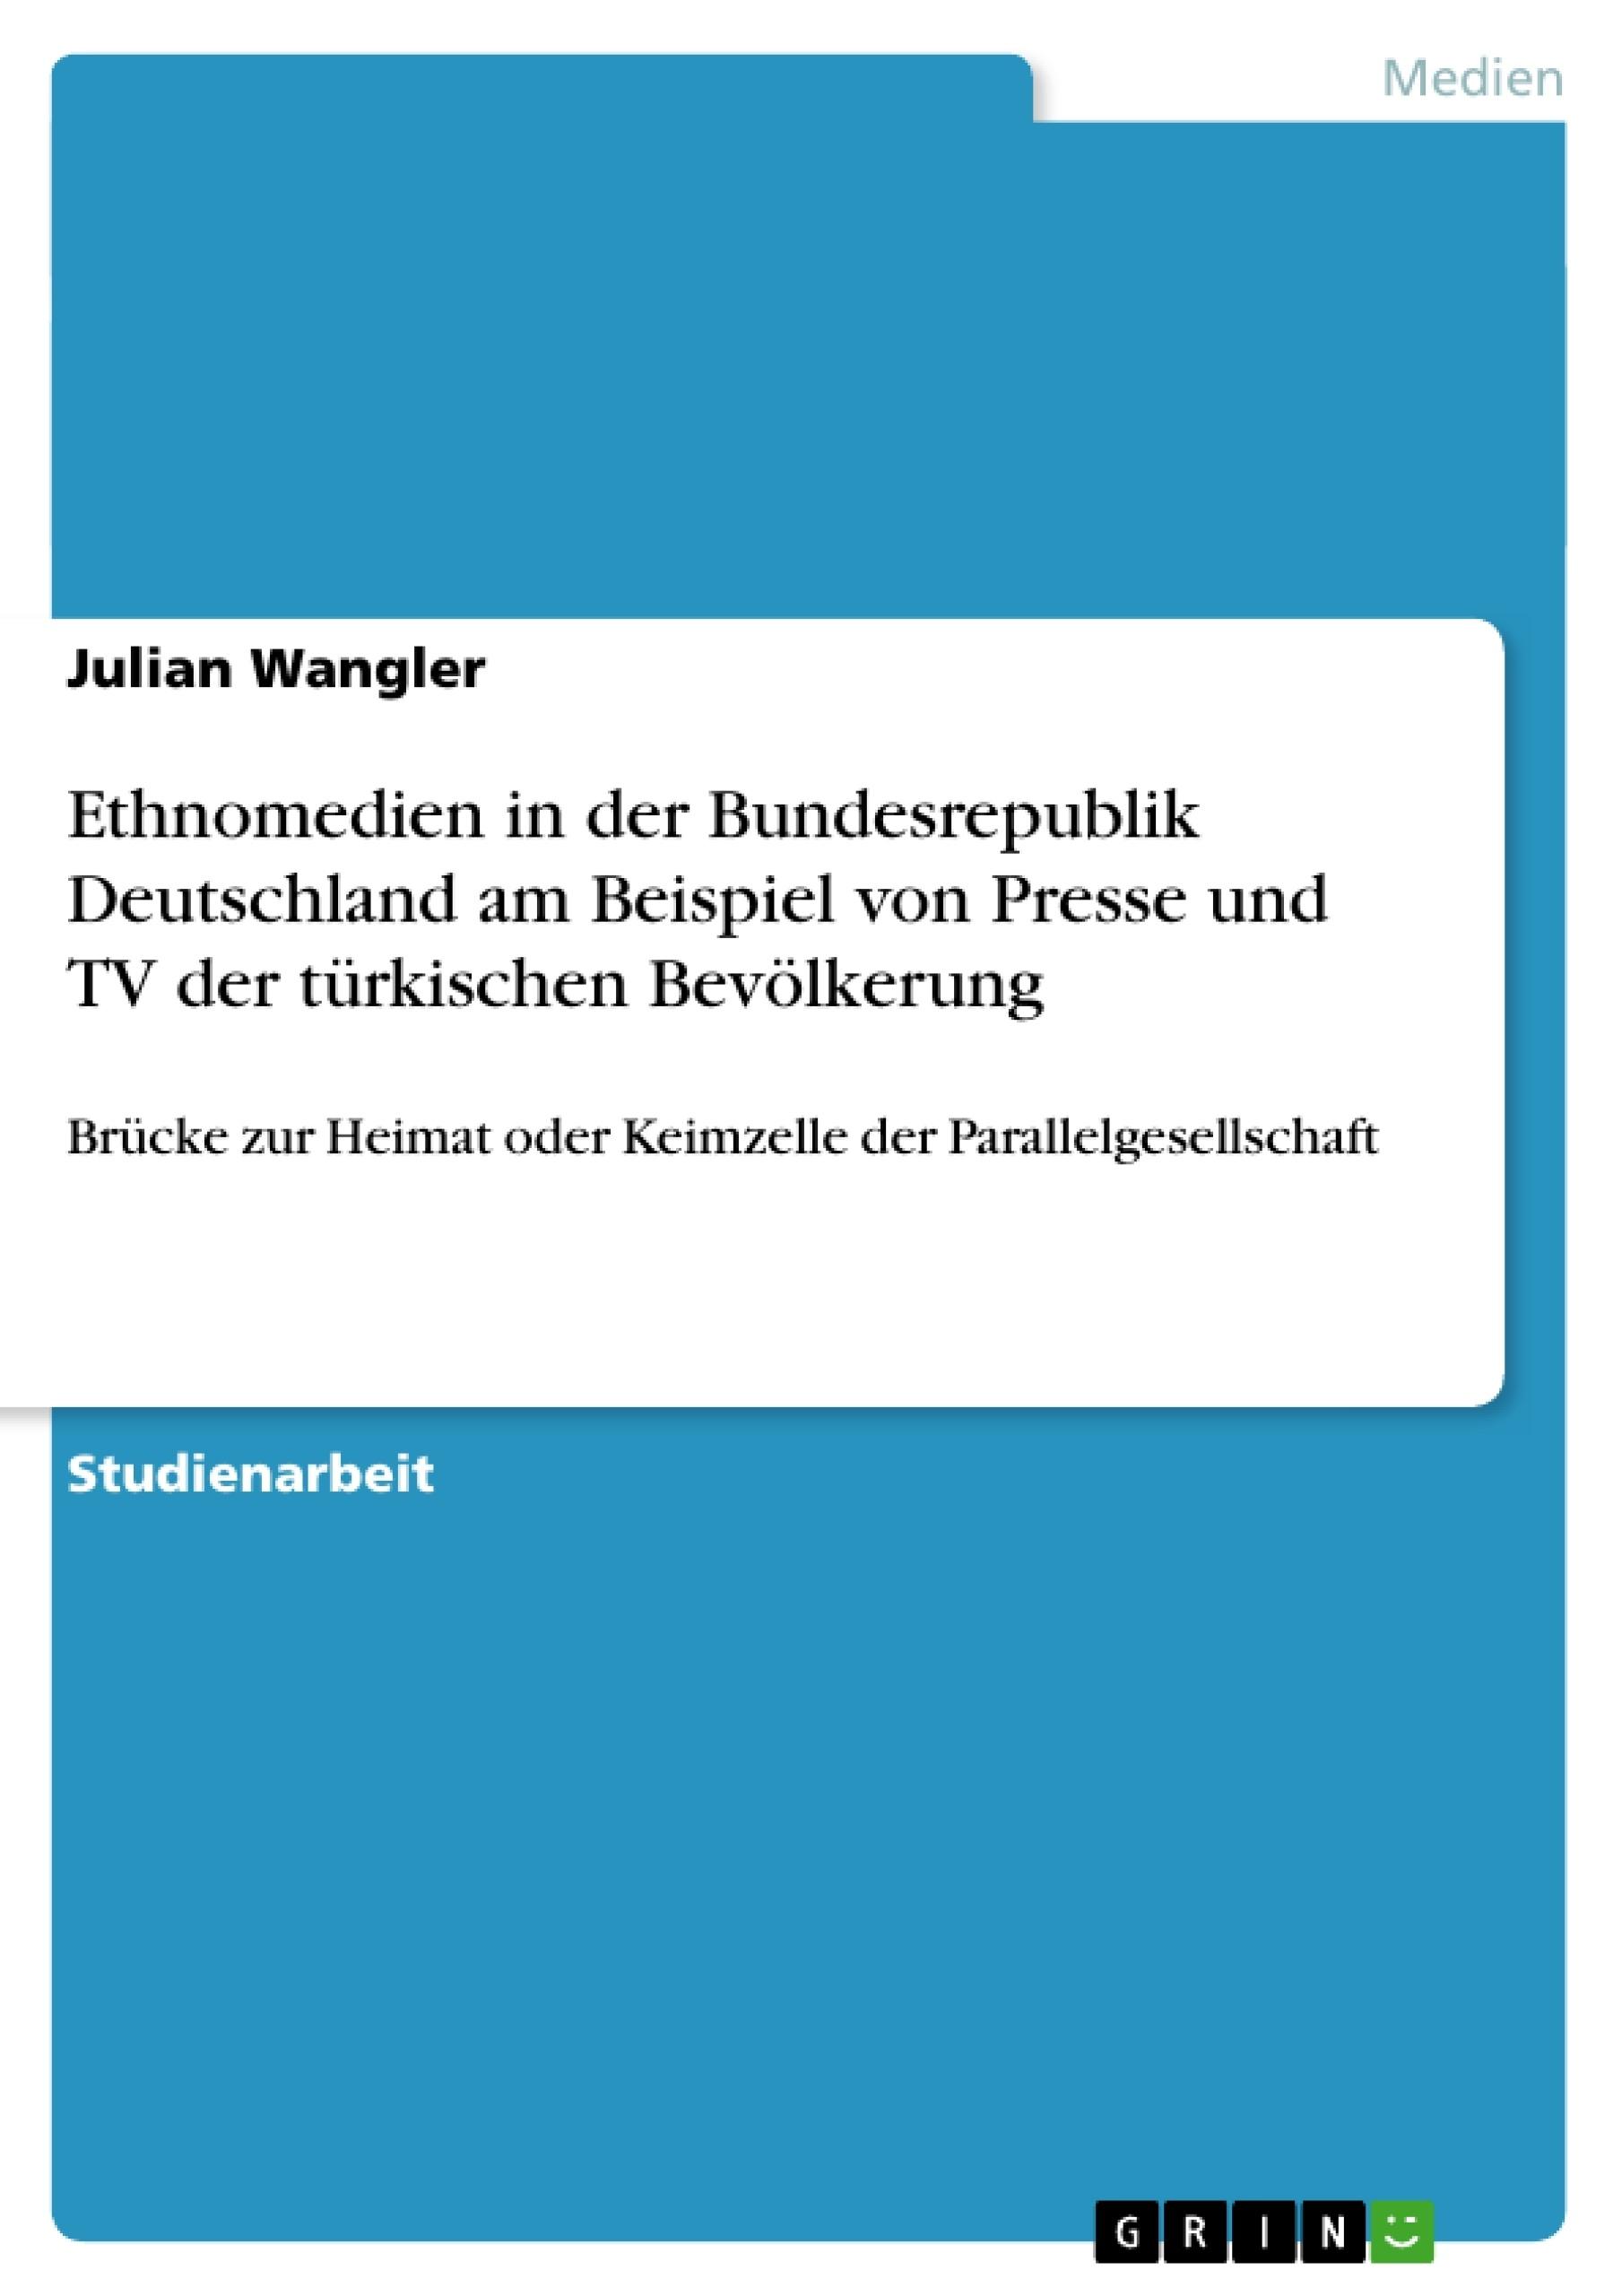 Titel: Ethnomedien in der Bundesrepublik Deutschland am Beispiel von Presse und TV der türkischen Bevölkerung